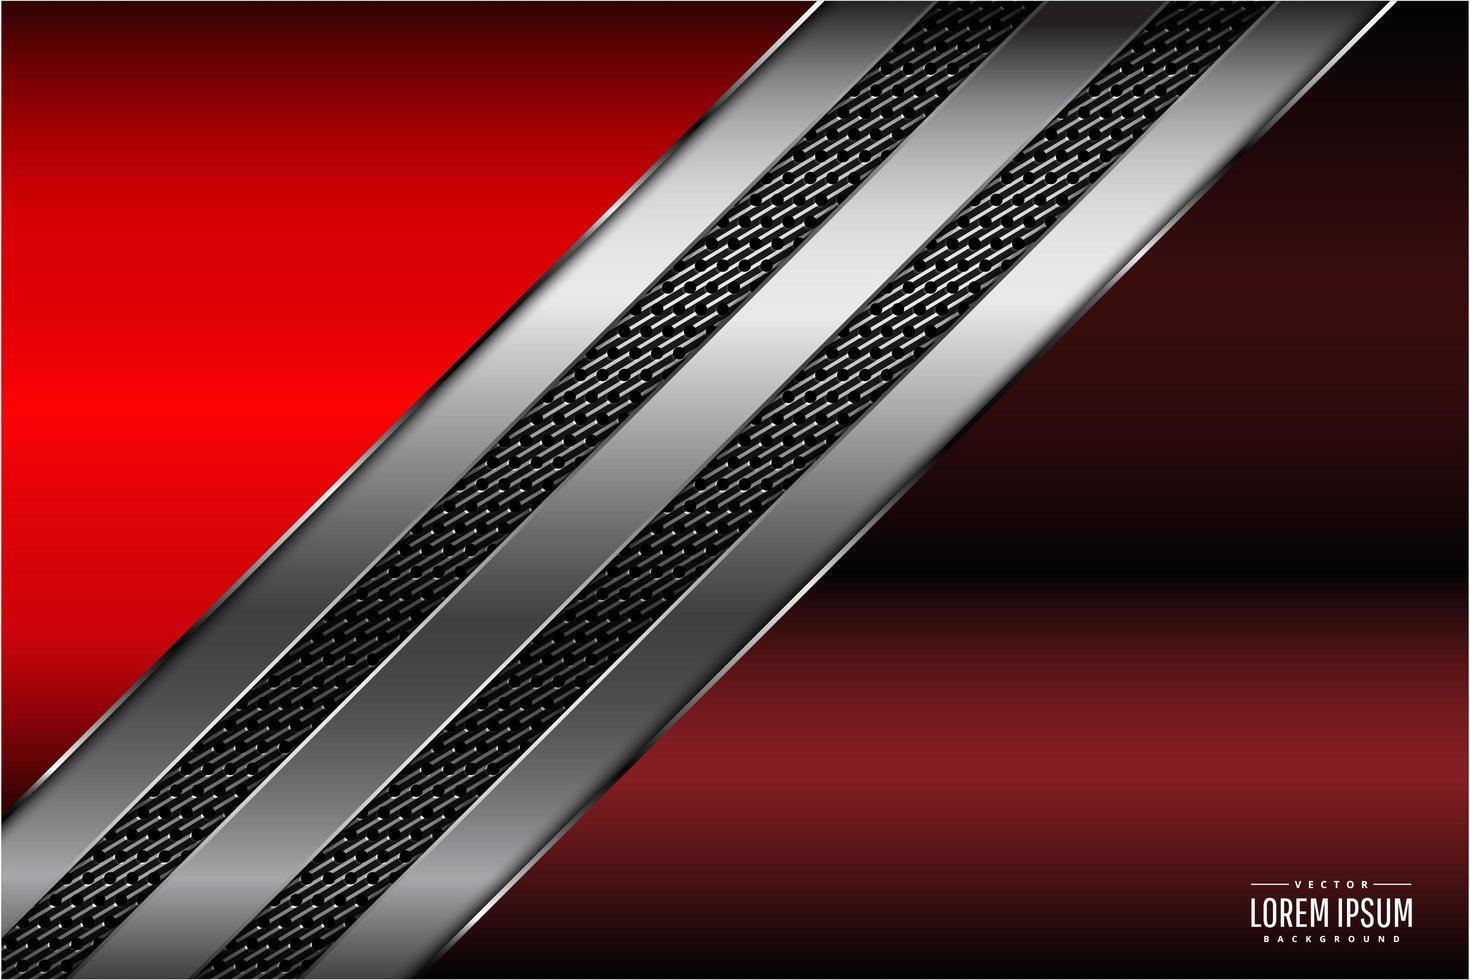 Paneles metálicos rojos y plateados con rayas de fibra de carbono vector